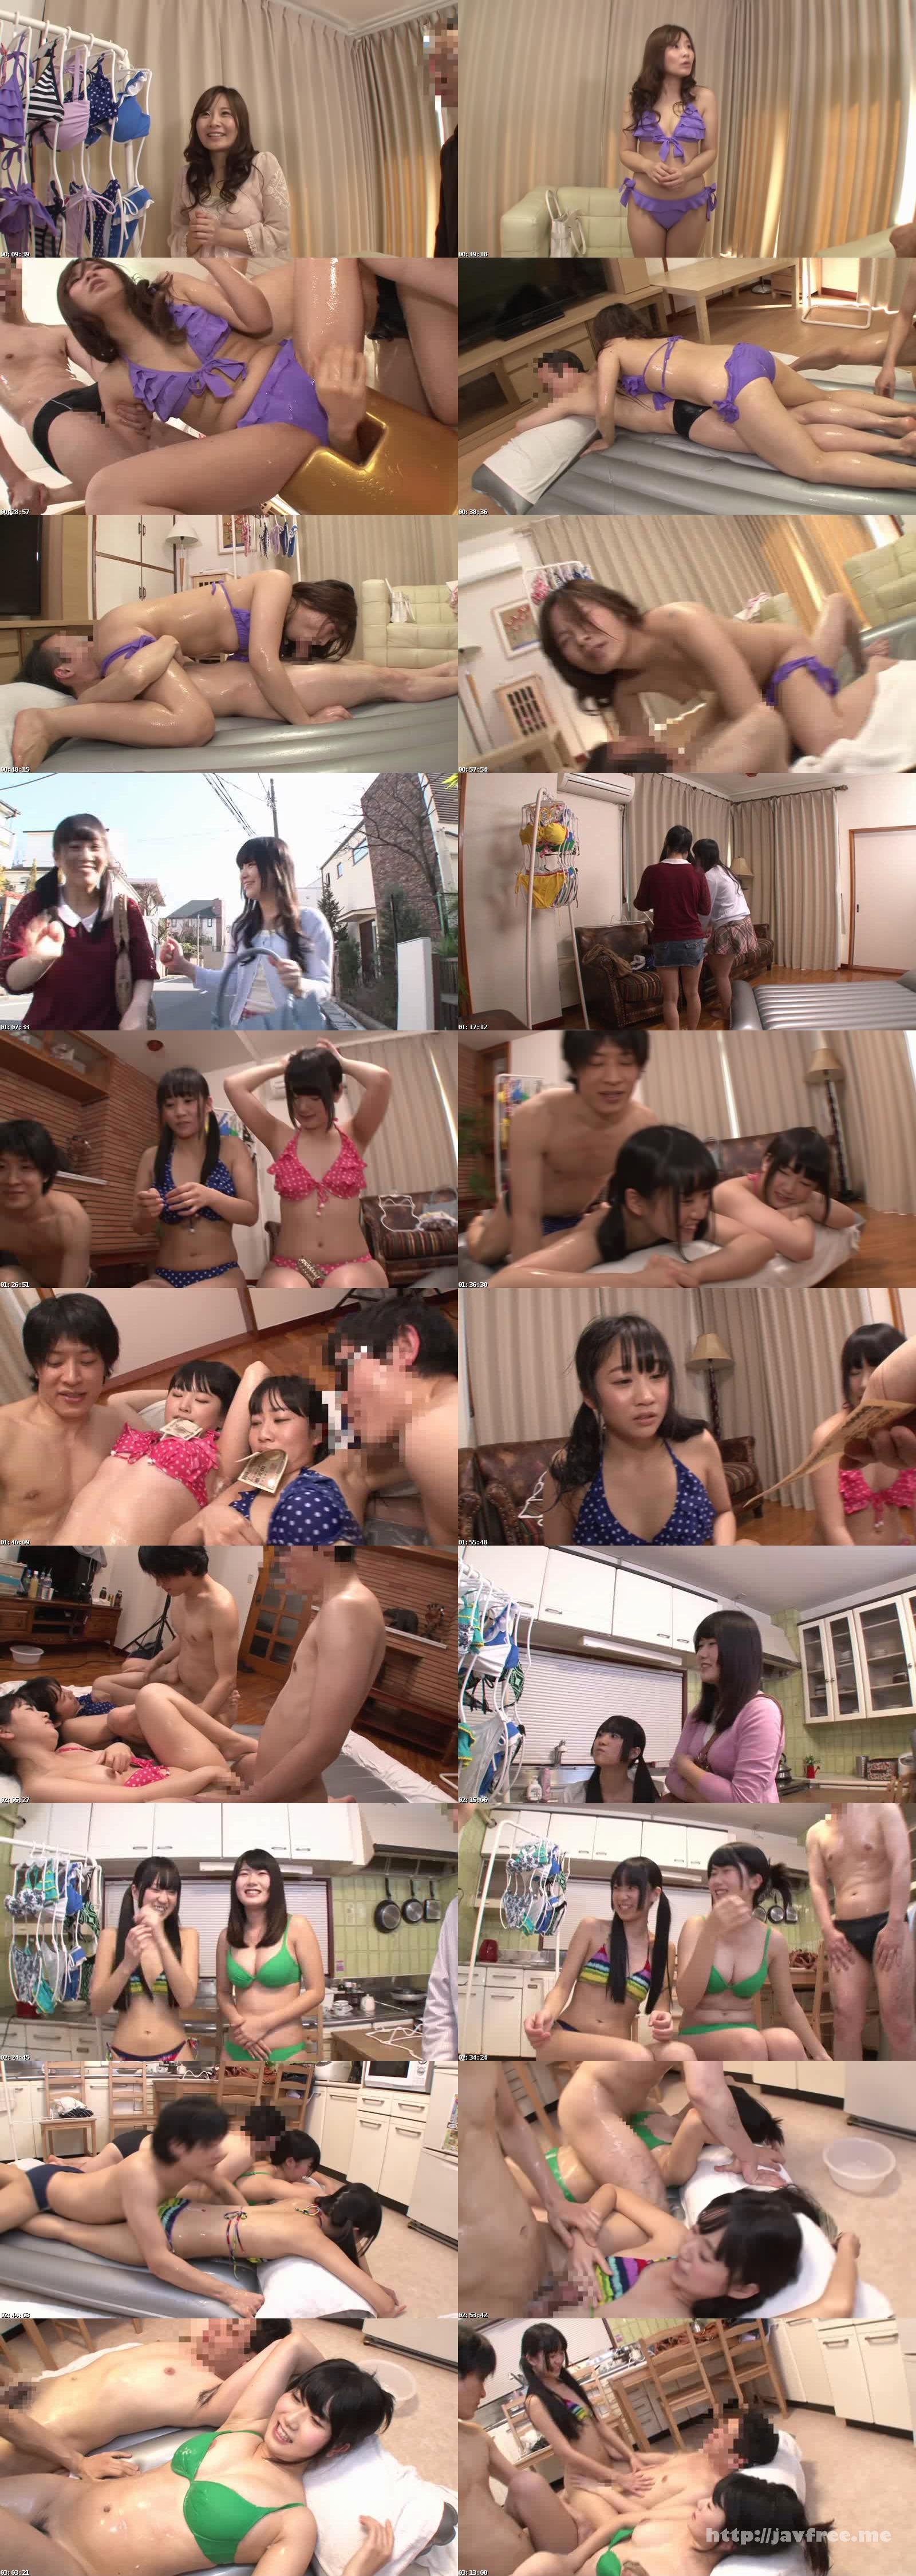 [IENE 551] 素人お嬢さんが一般男性宅にお邪魔して挑戦 ヌルヌル泡泡ソープ体験 IENE